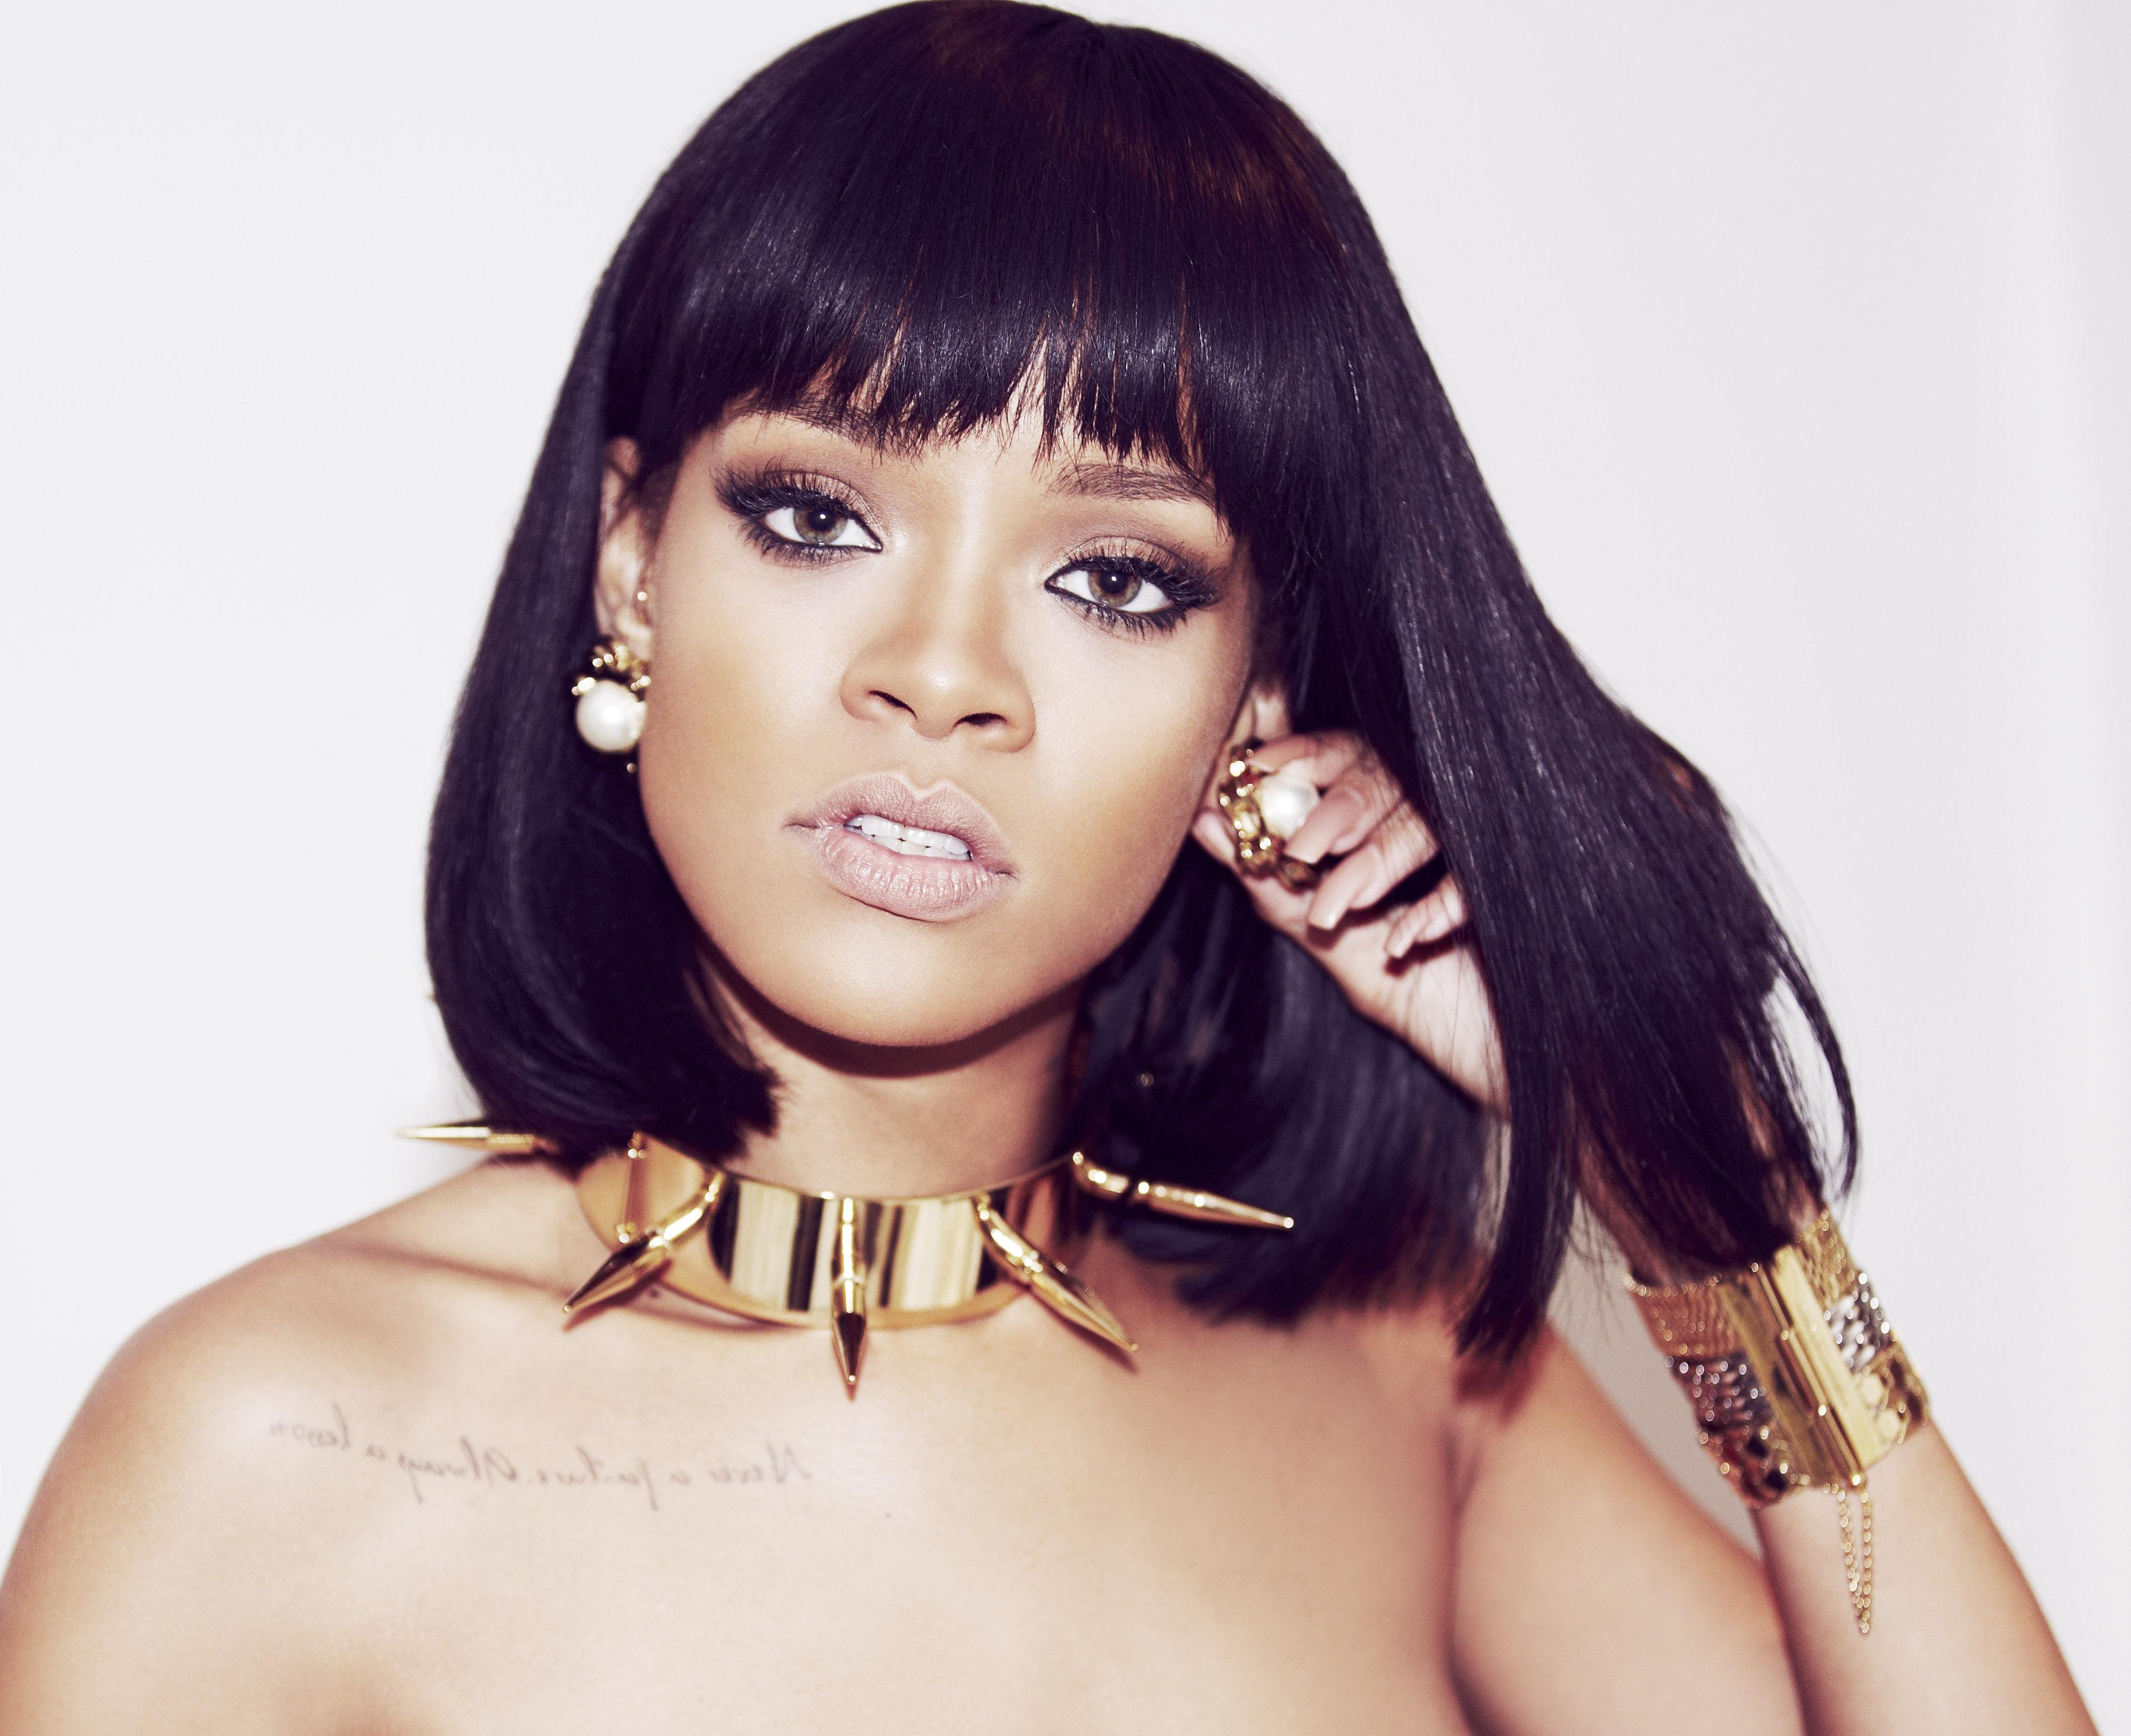 Rihanna 06.02.2016ANDREW